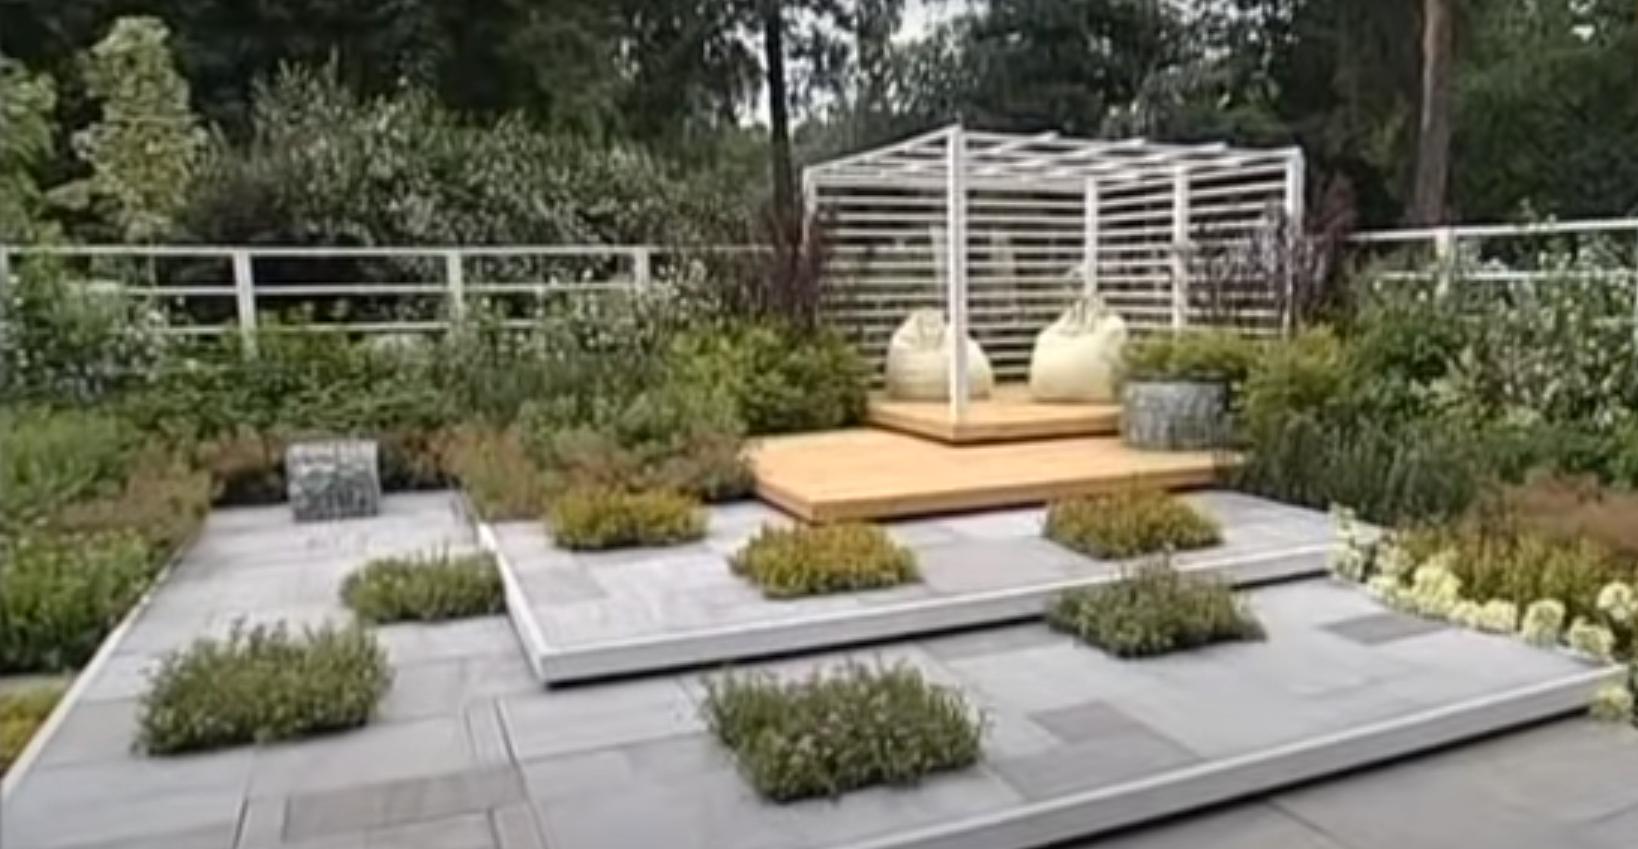 Площадка для отдыха в саду